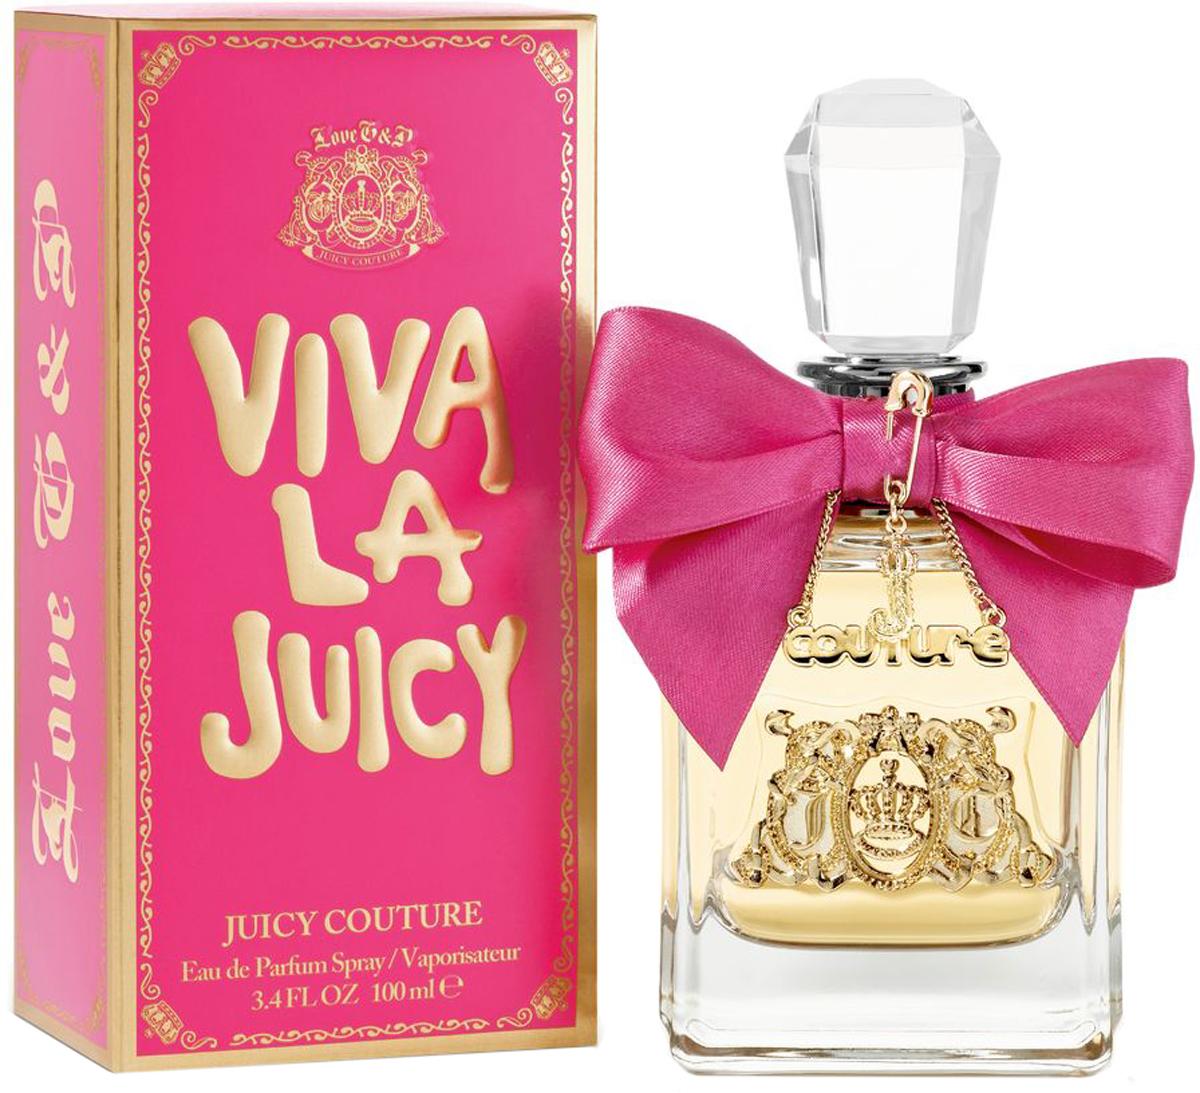 Juicy Couture Viva La Juicy Парфюмерная вода женская, 100 млJY2F00003Основной аромат на каждый день. Никогда не выходите из дома без Viva!